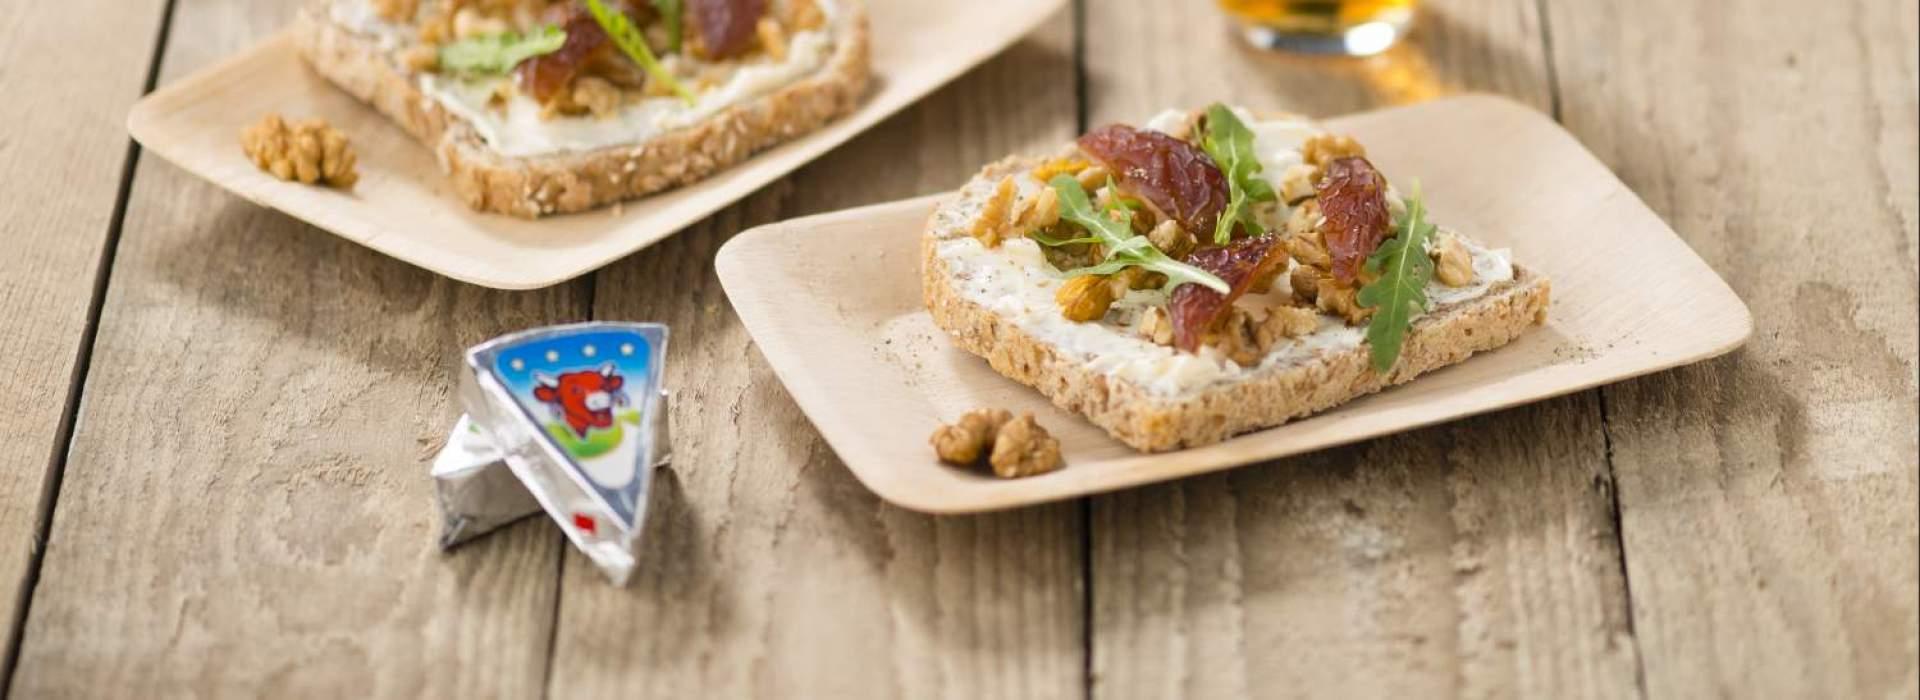 Boterham met noten en dadels